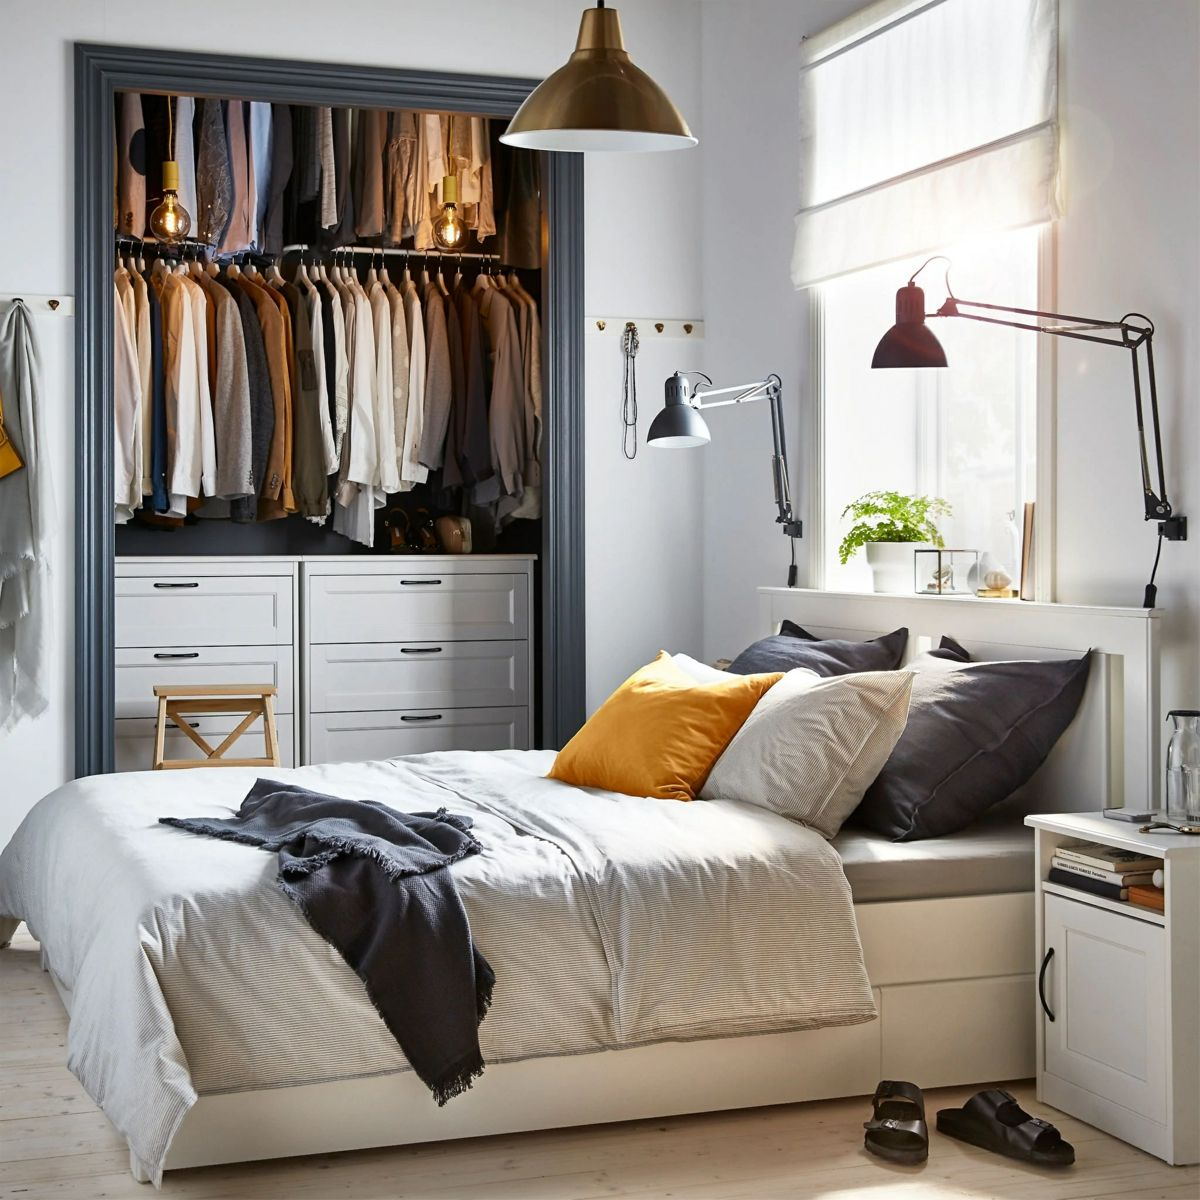 12 Qm Zimmer Einrichten Mit Mobeln Von Ikea In Weiss Und Begehbarem Kleiderschrank Zimmer Einrichten Ikea Schlafzimmer Weisses Bett